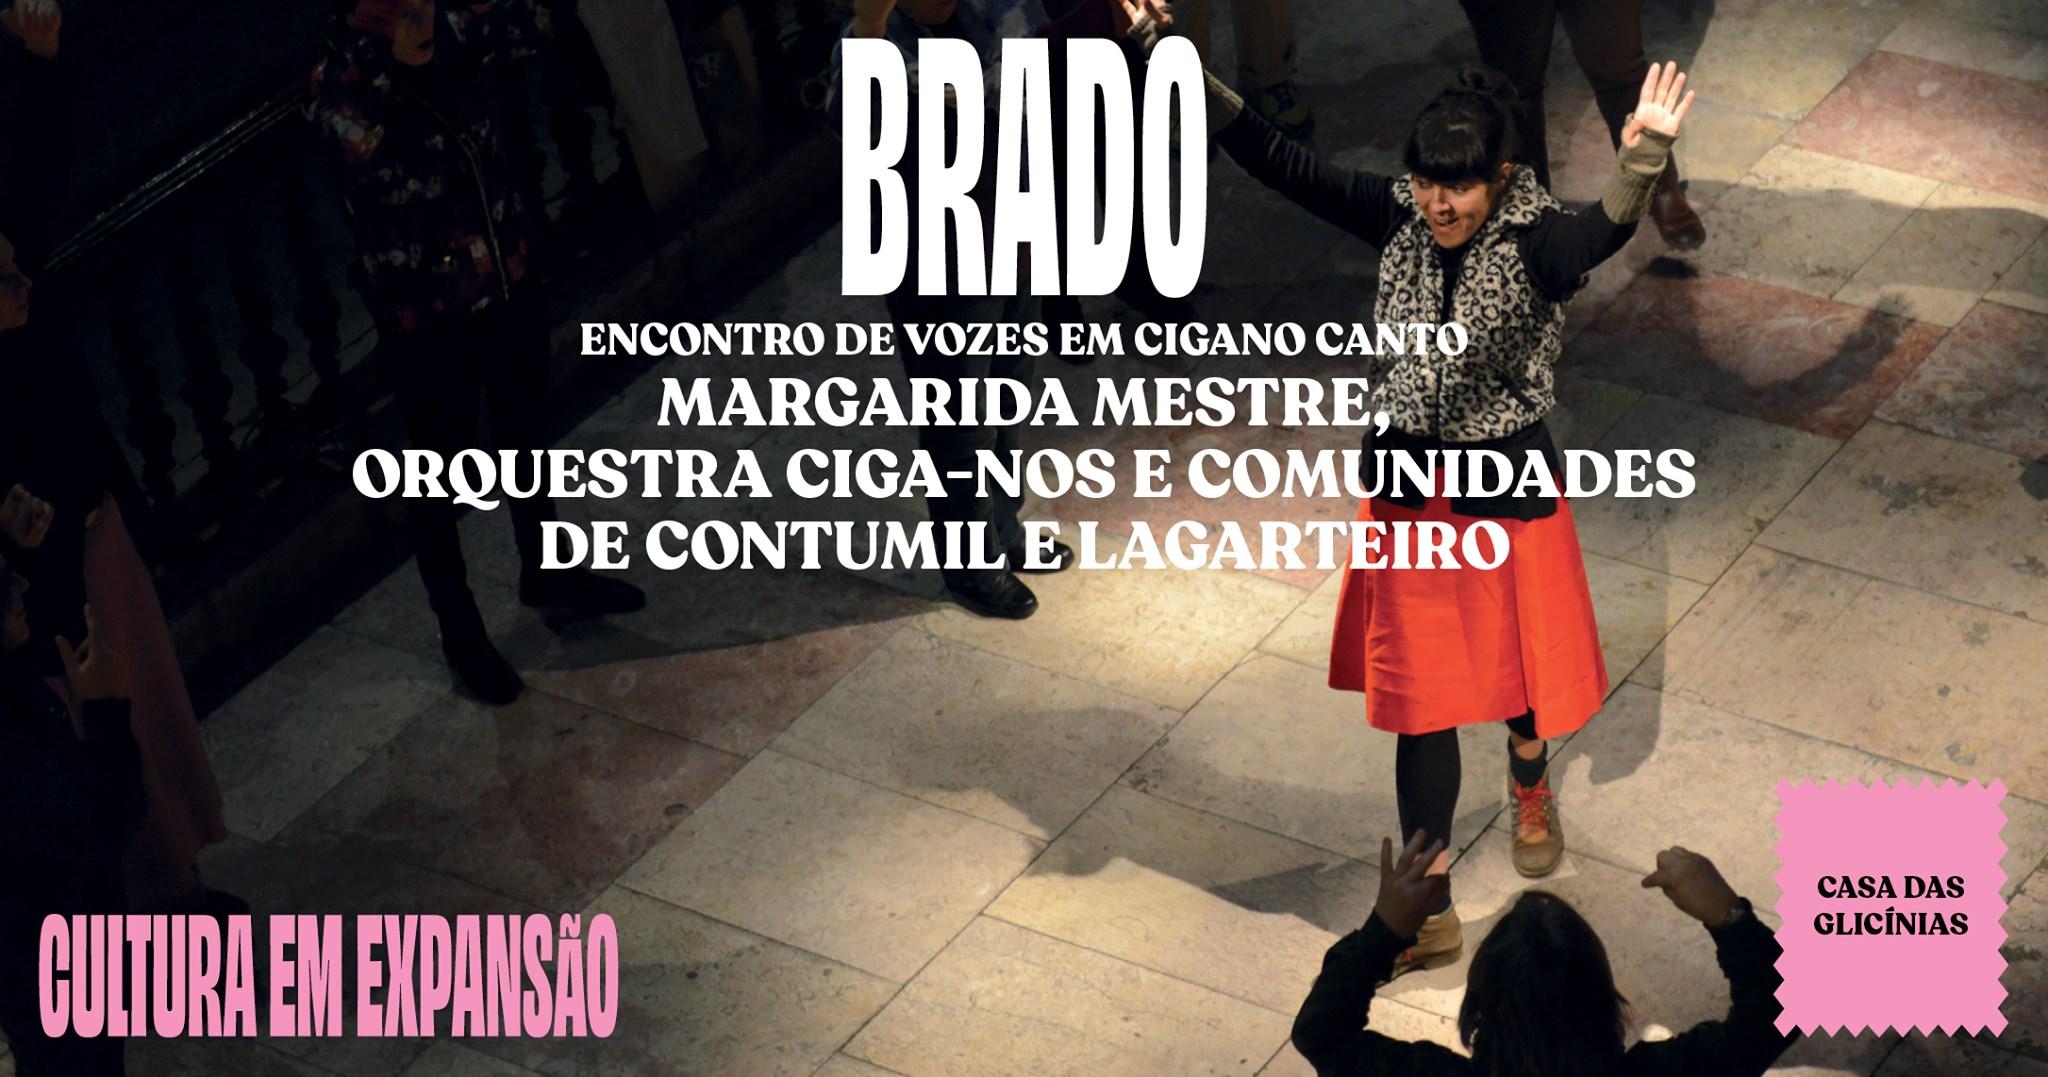 BRADO - ENCONTRO DE VOZES EM CIGANO CANTO